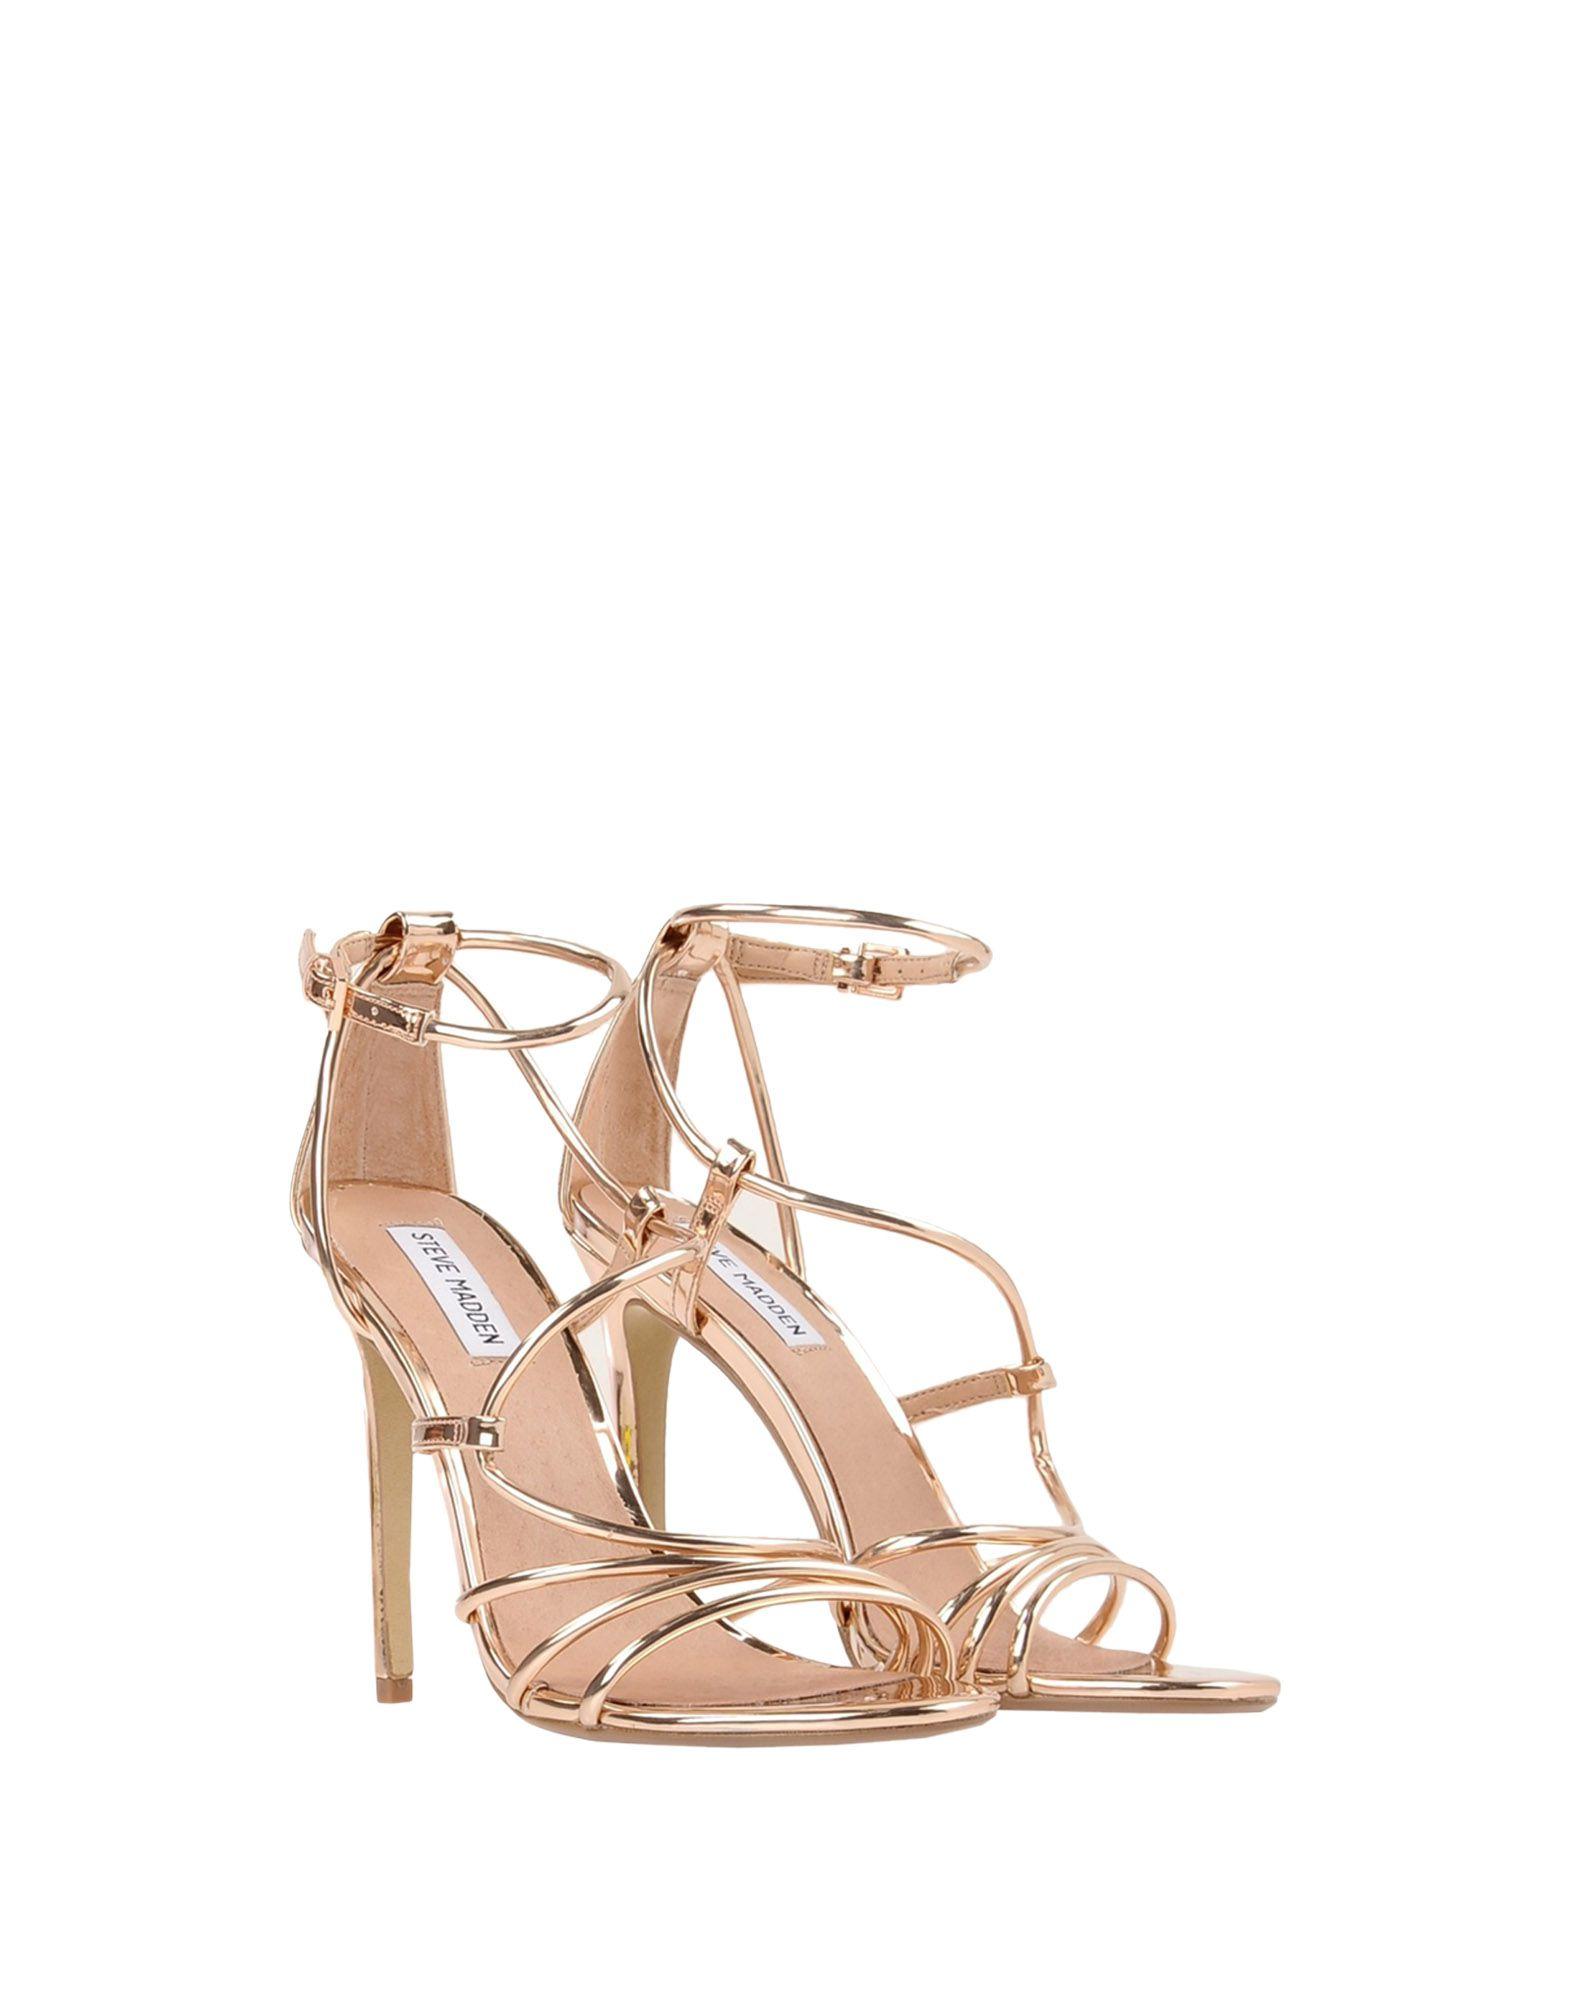 Steve Steve Steve Madden Smith Sandal  11437008AO Gute Qualität beliebte Schuhe 628e35